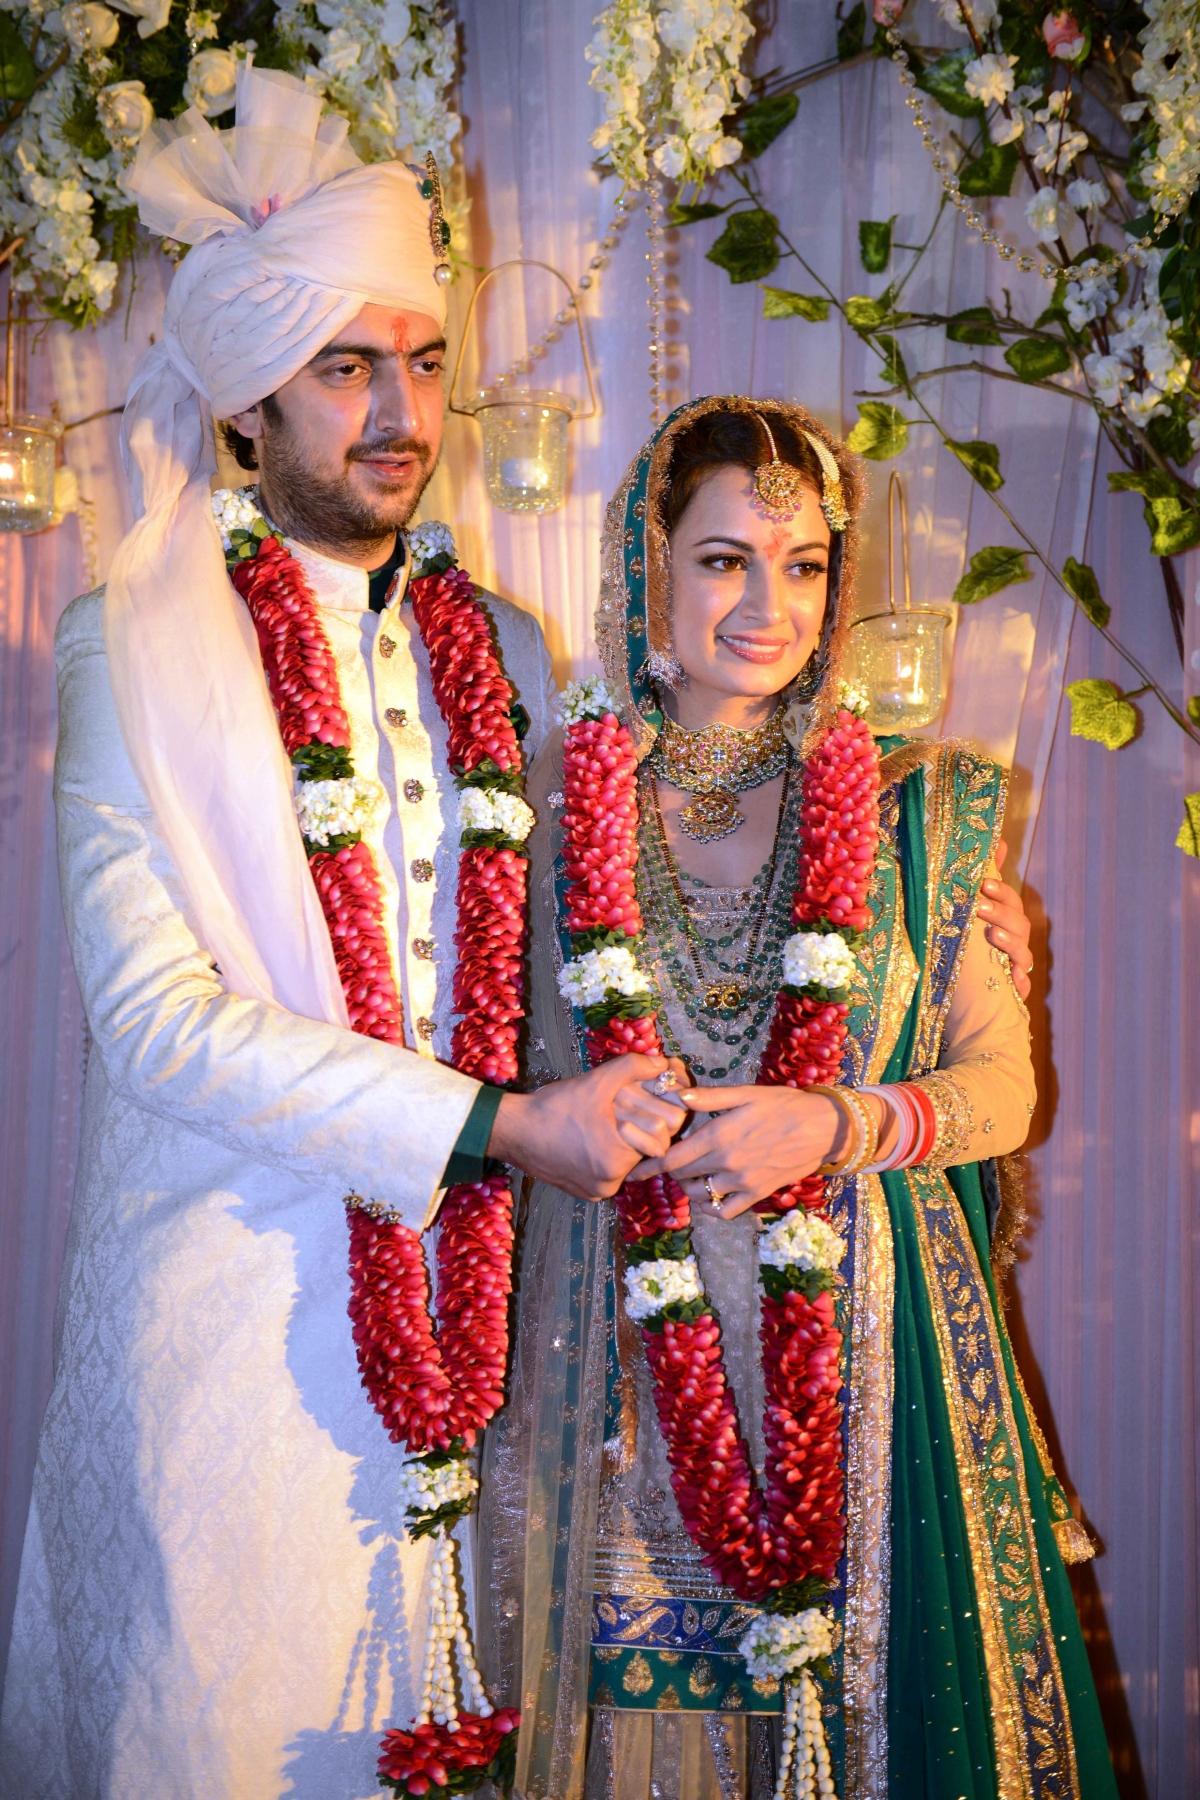 Celebrity wedding dress designer